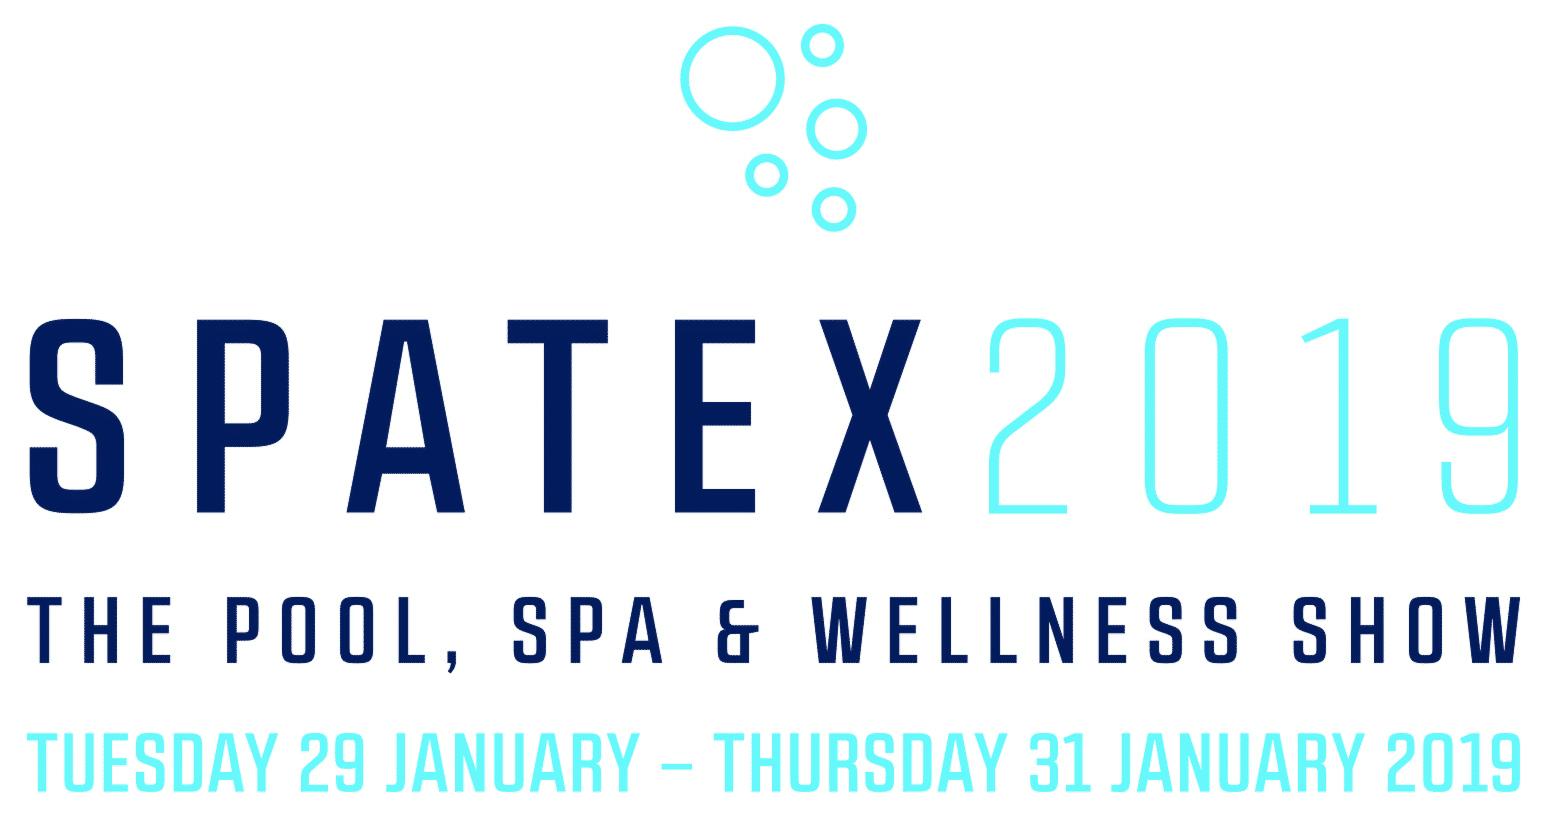 Spatex 2019